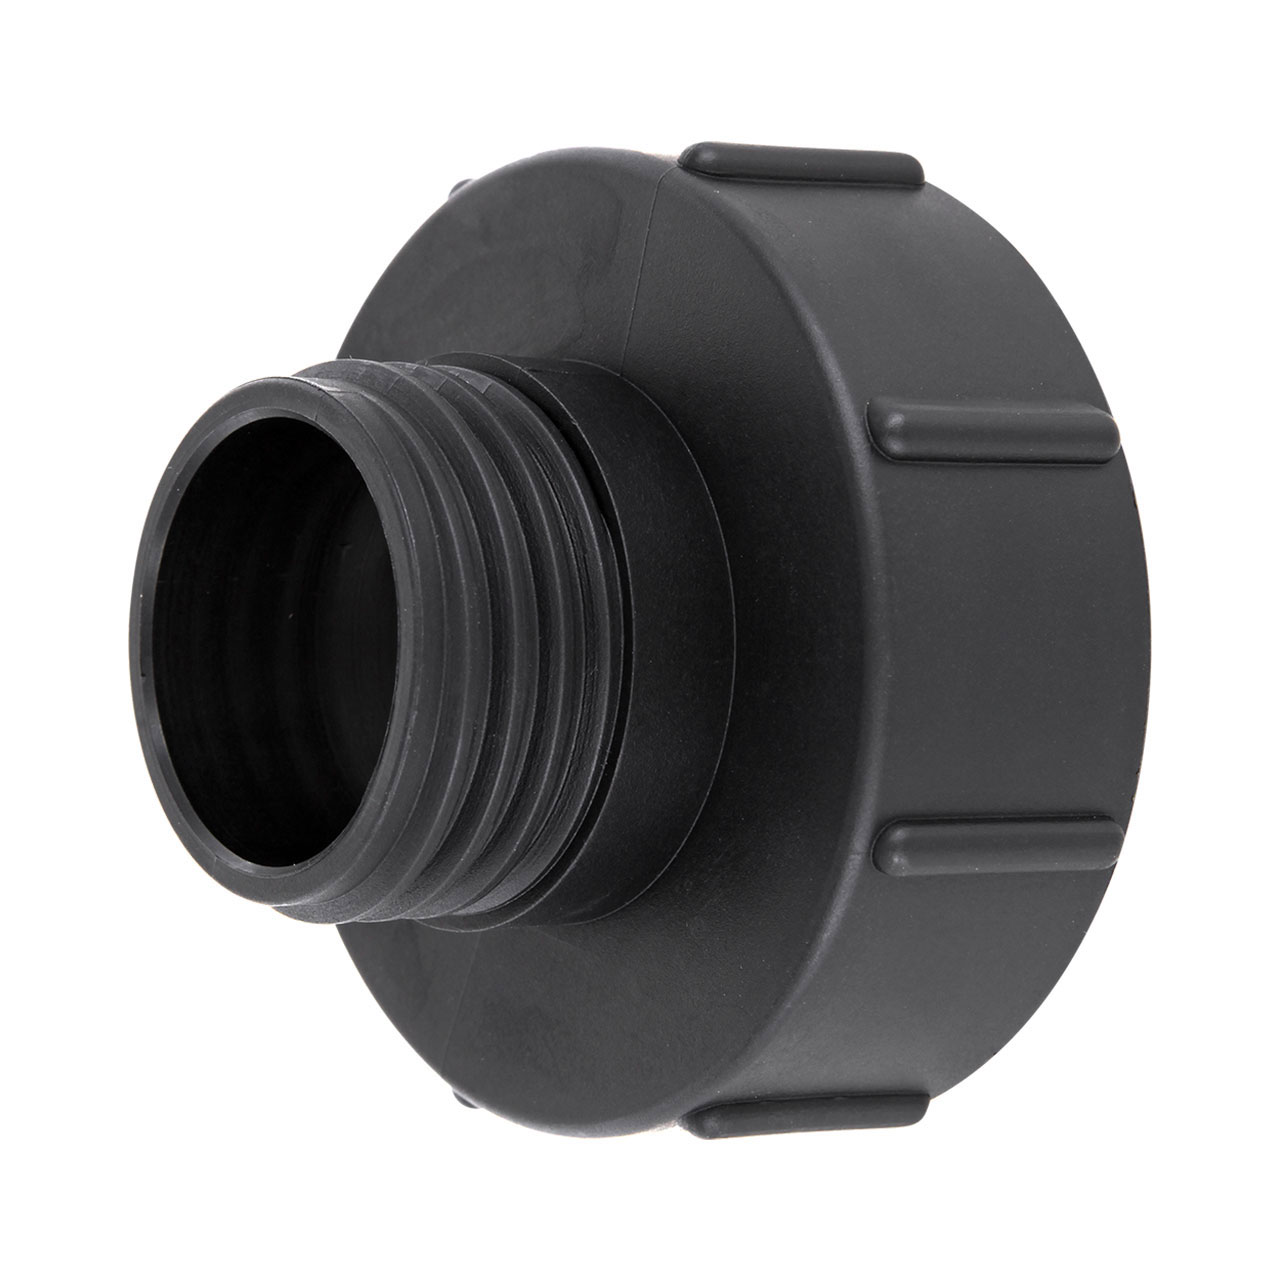 60mm 100mm Auf Reduzierung S60x6 Für IBC Auslaufhahn IBC Adapter S100x8